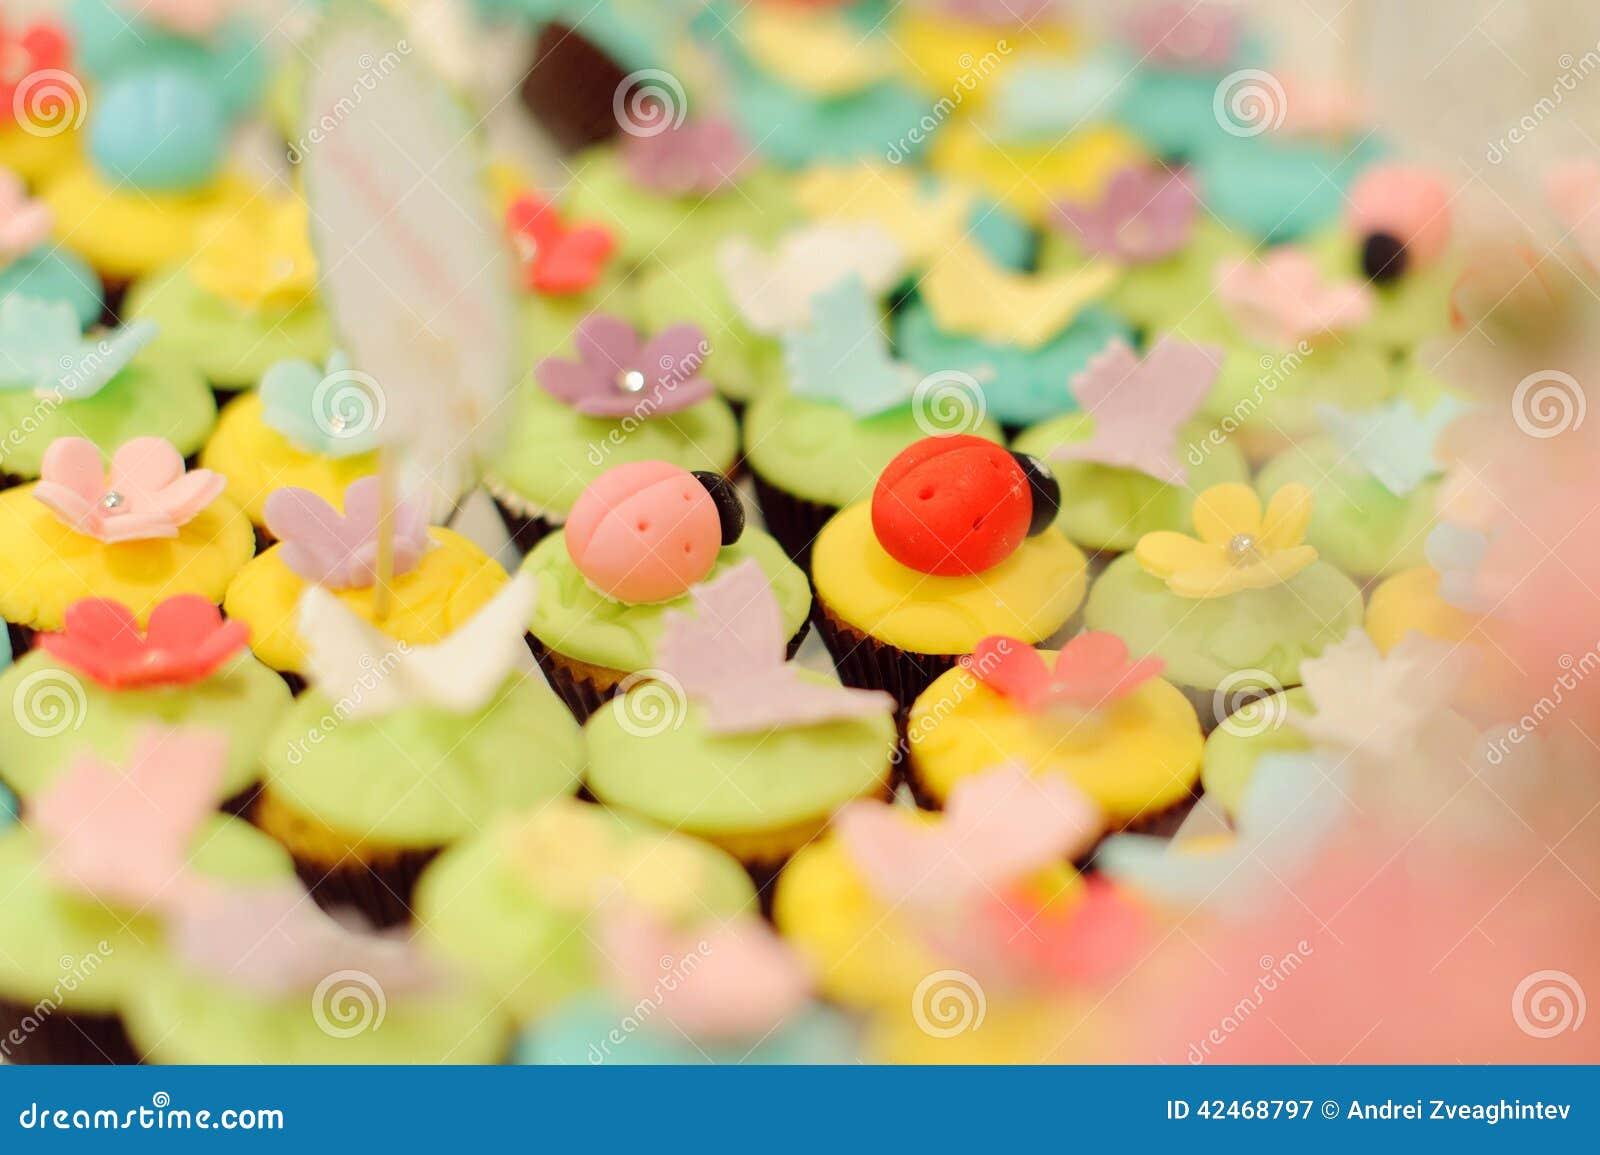 Marienkäfer auf kleinen Kuchen